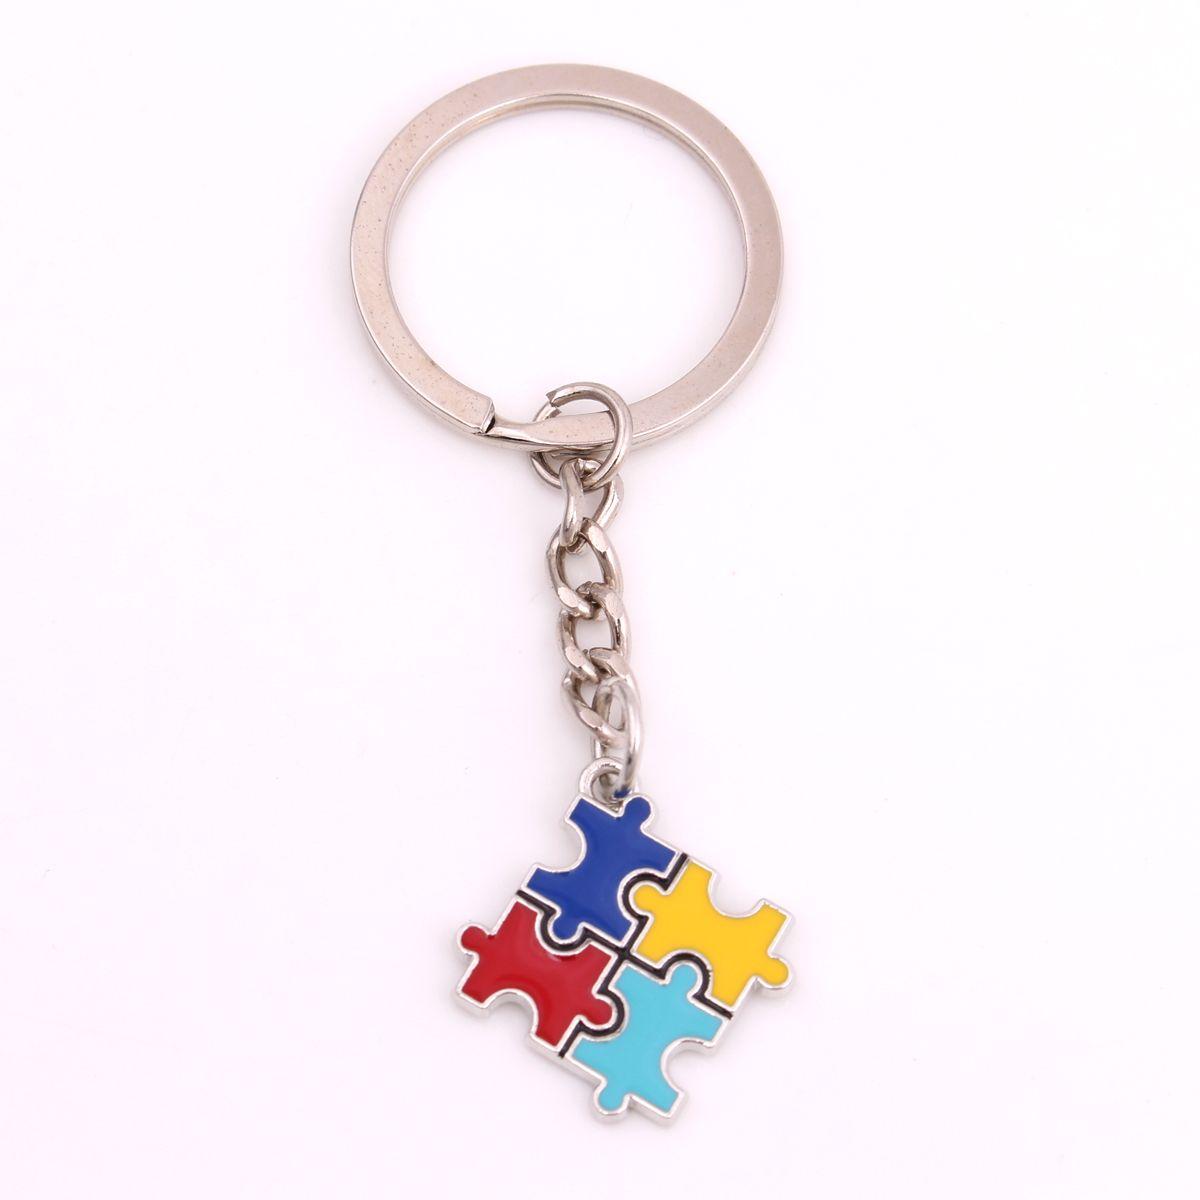 Autismus Bulmaca Charm Anahtarlık Farkındalık Renkli Schlüsselanhänger Geschenke